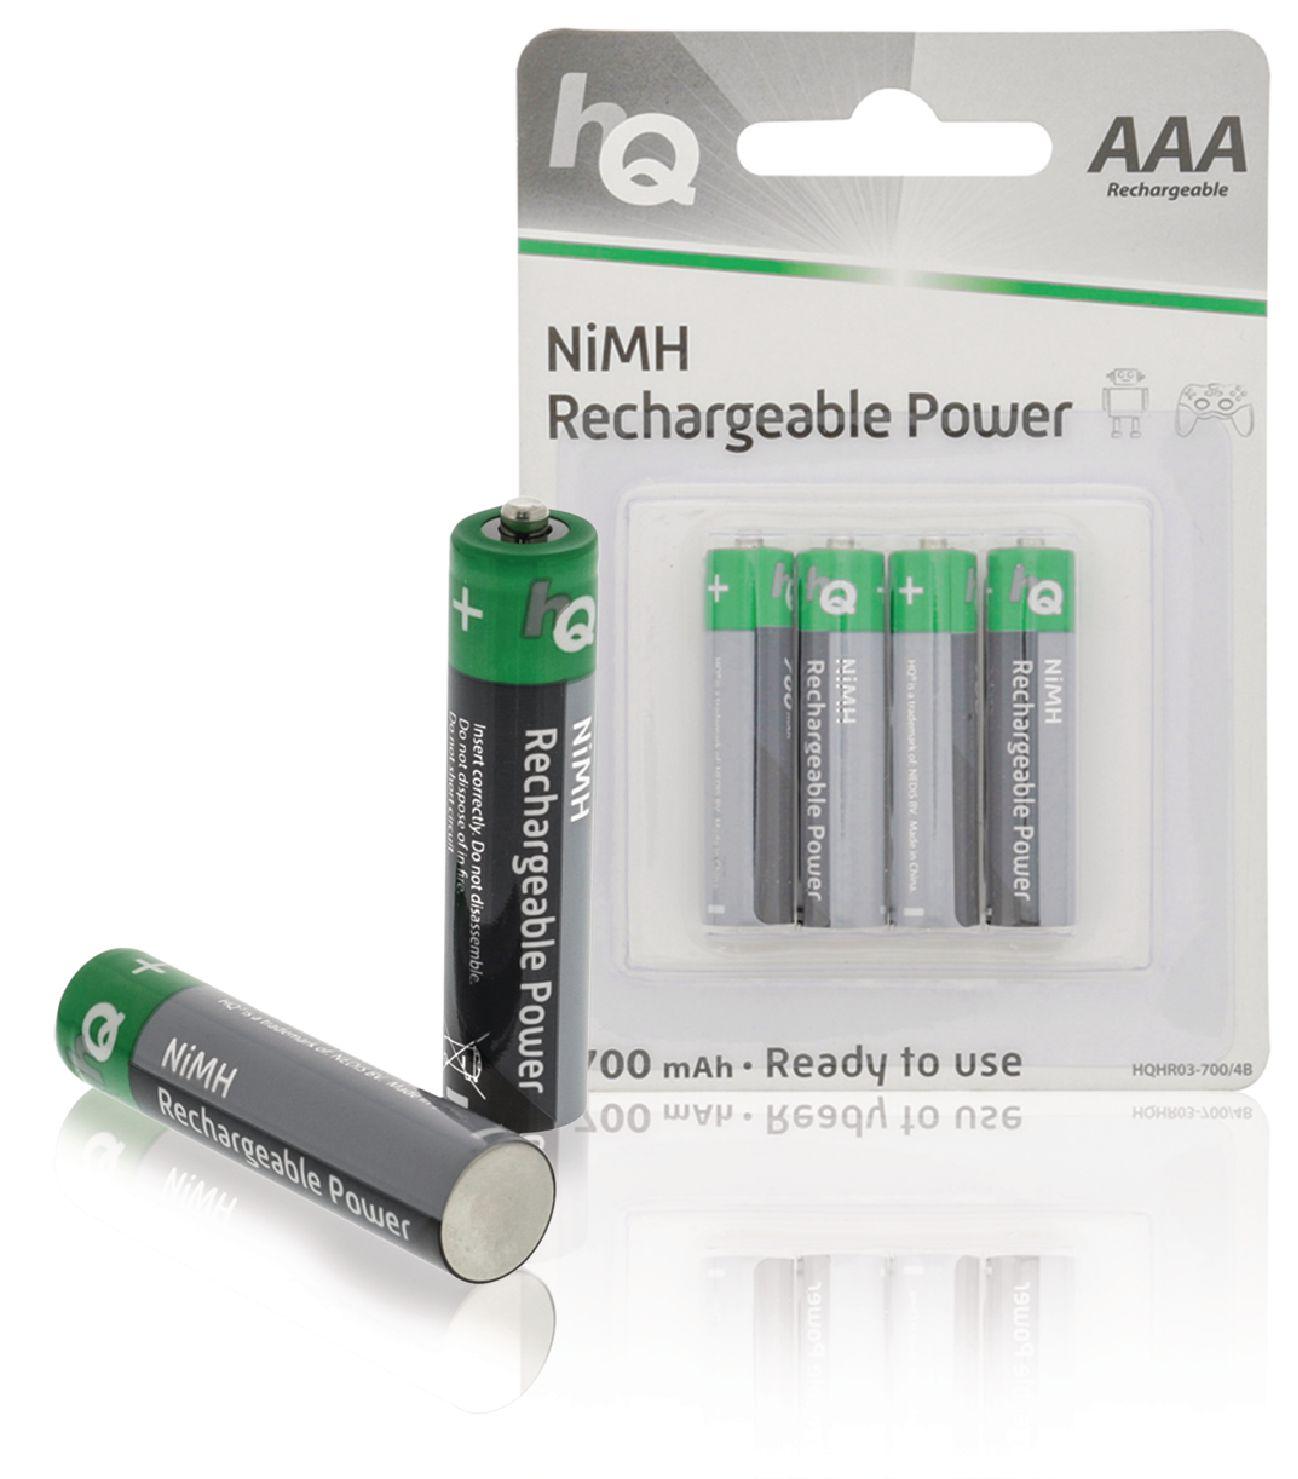 Nabíjecí baterie HQ NiMH AAA 1.2V 700mAh - 4ks, HQHR03-700/4B